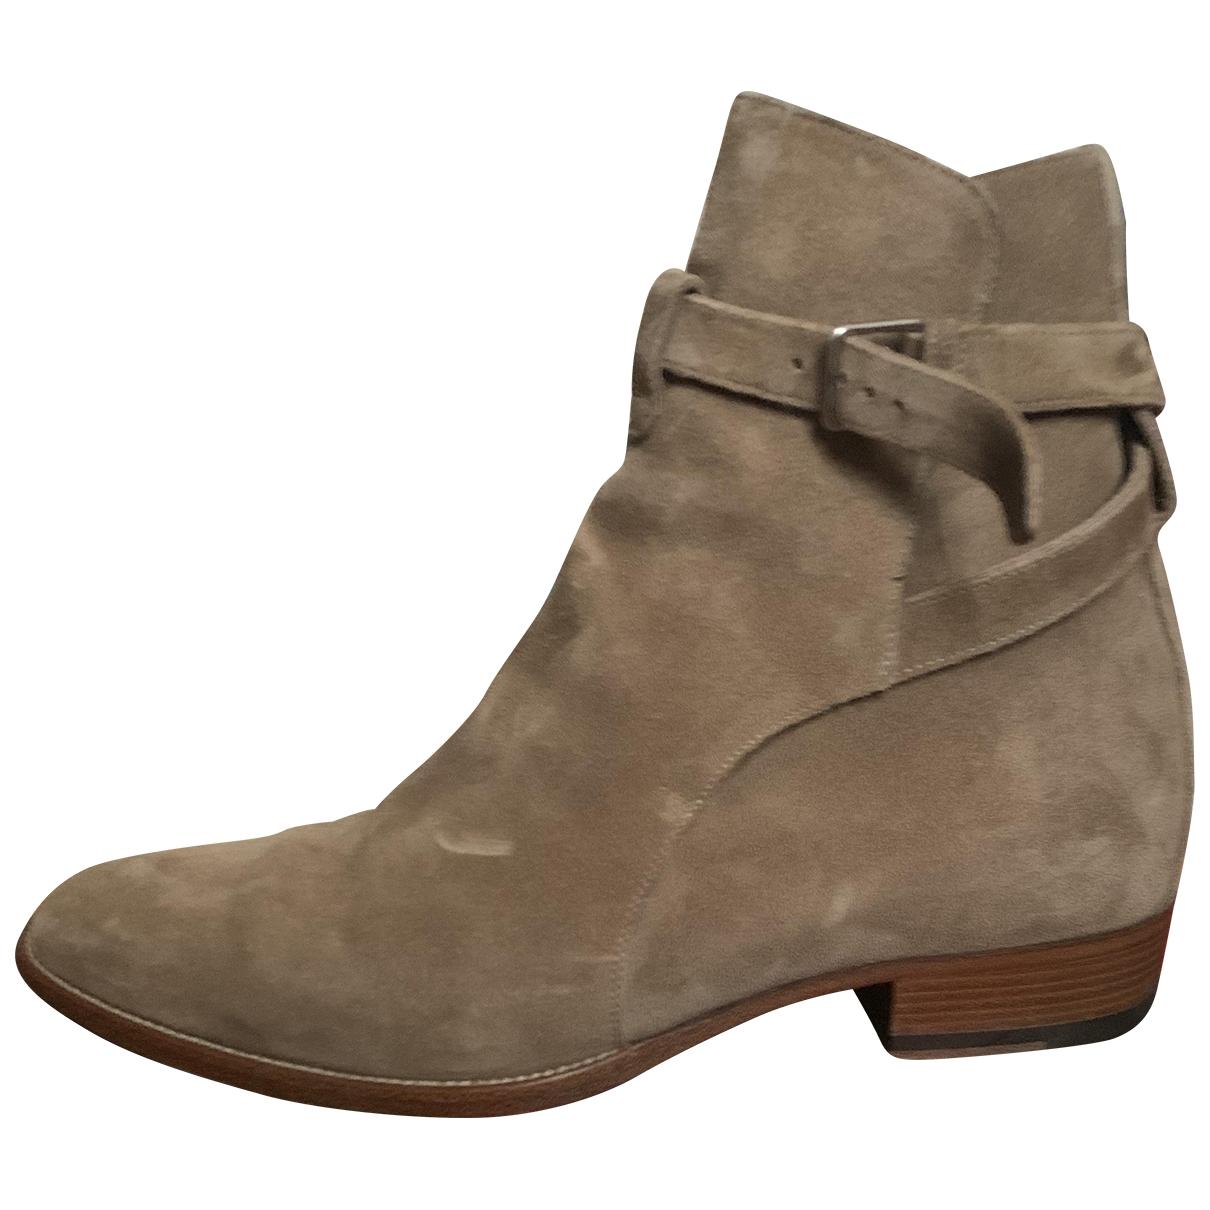 Saint Laurent - Bottes.Boots Wyatt Jodphur pour homme en suede - beige